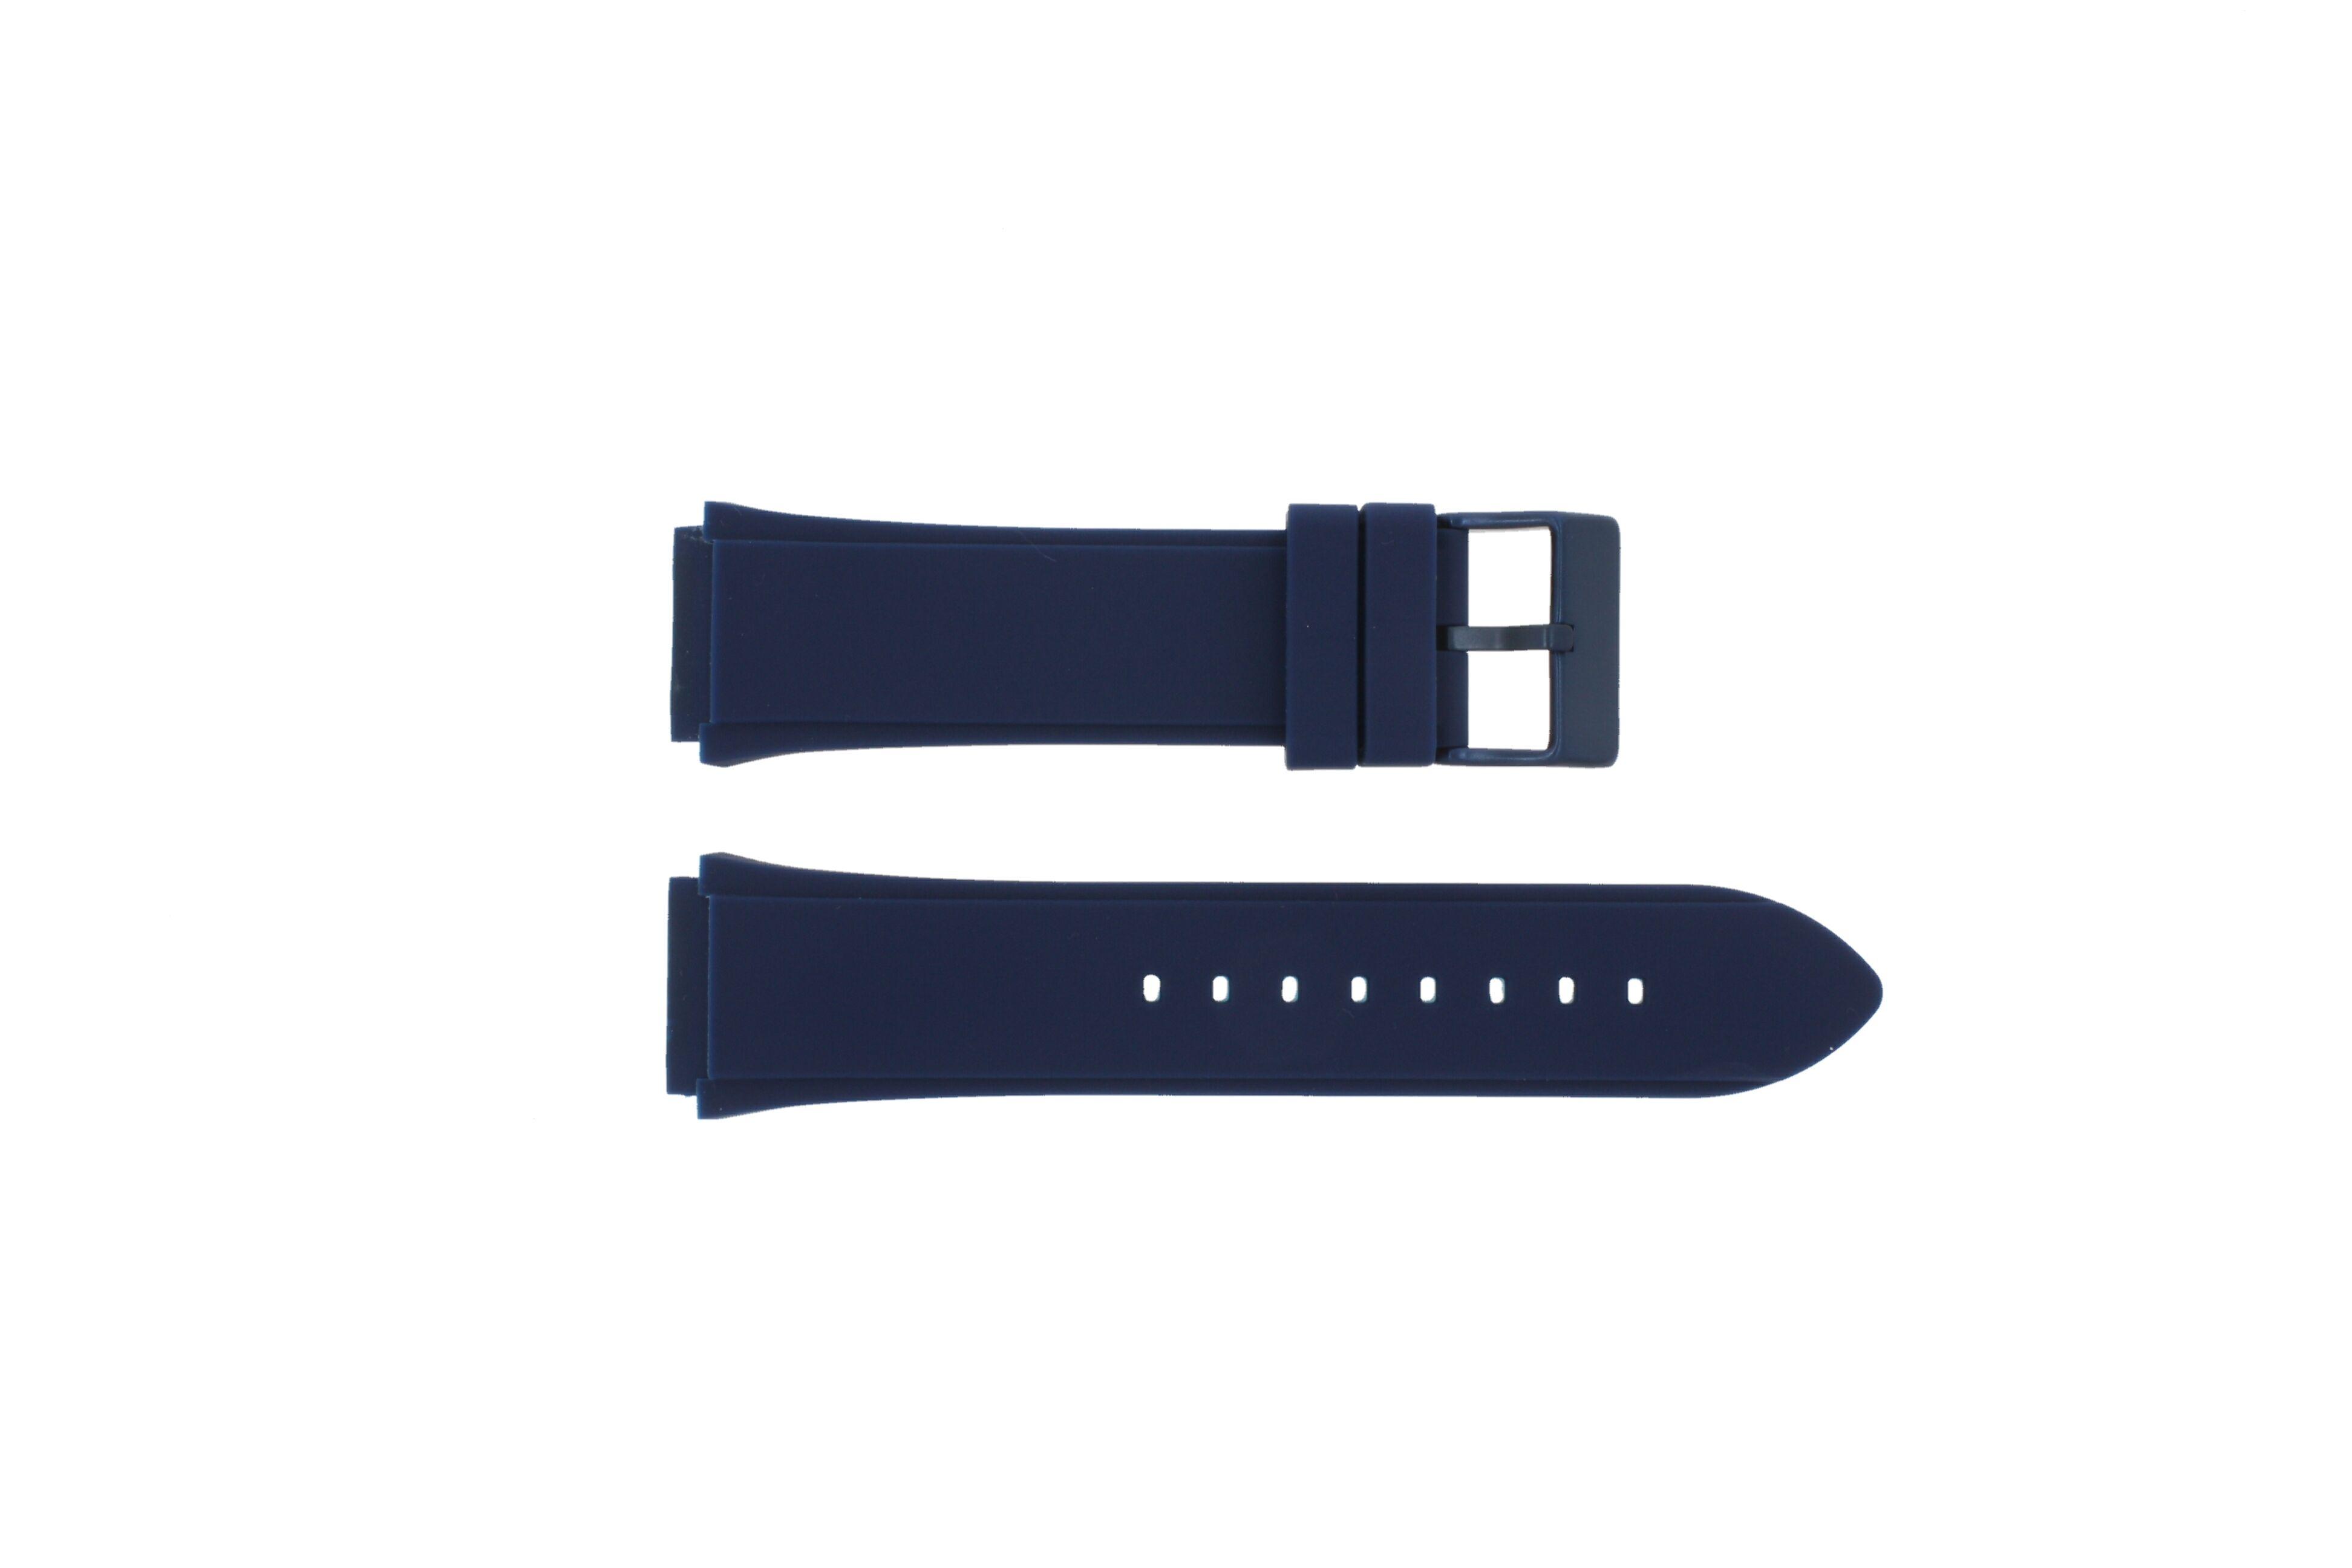 Guess Bracelet de montre Guess W0248G5 / W0247G3 / U0247G3 / C0001G1 Silicone Bleu 22mm